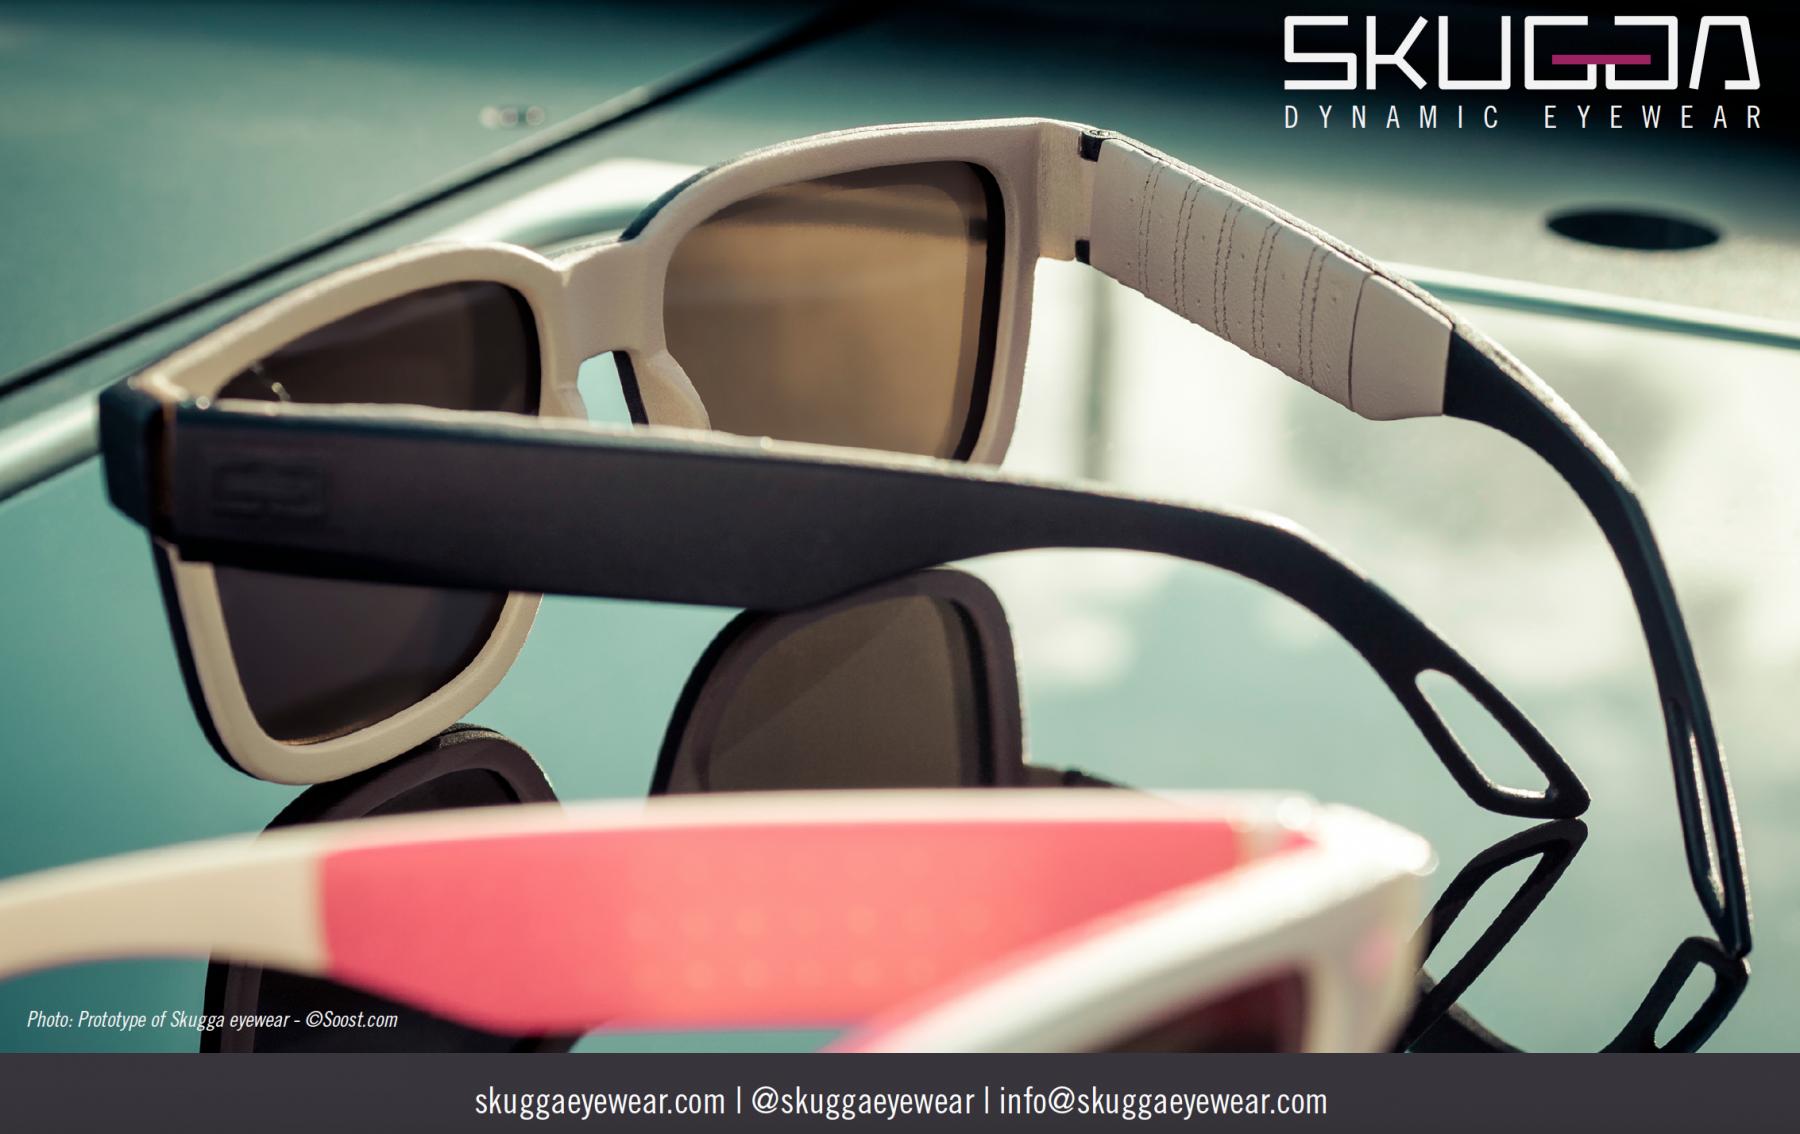 Skugga-eyewear-press Fotograf Tedd soost